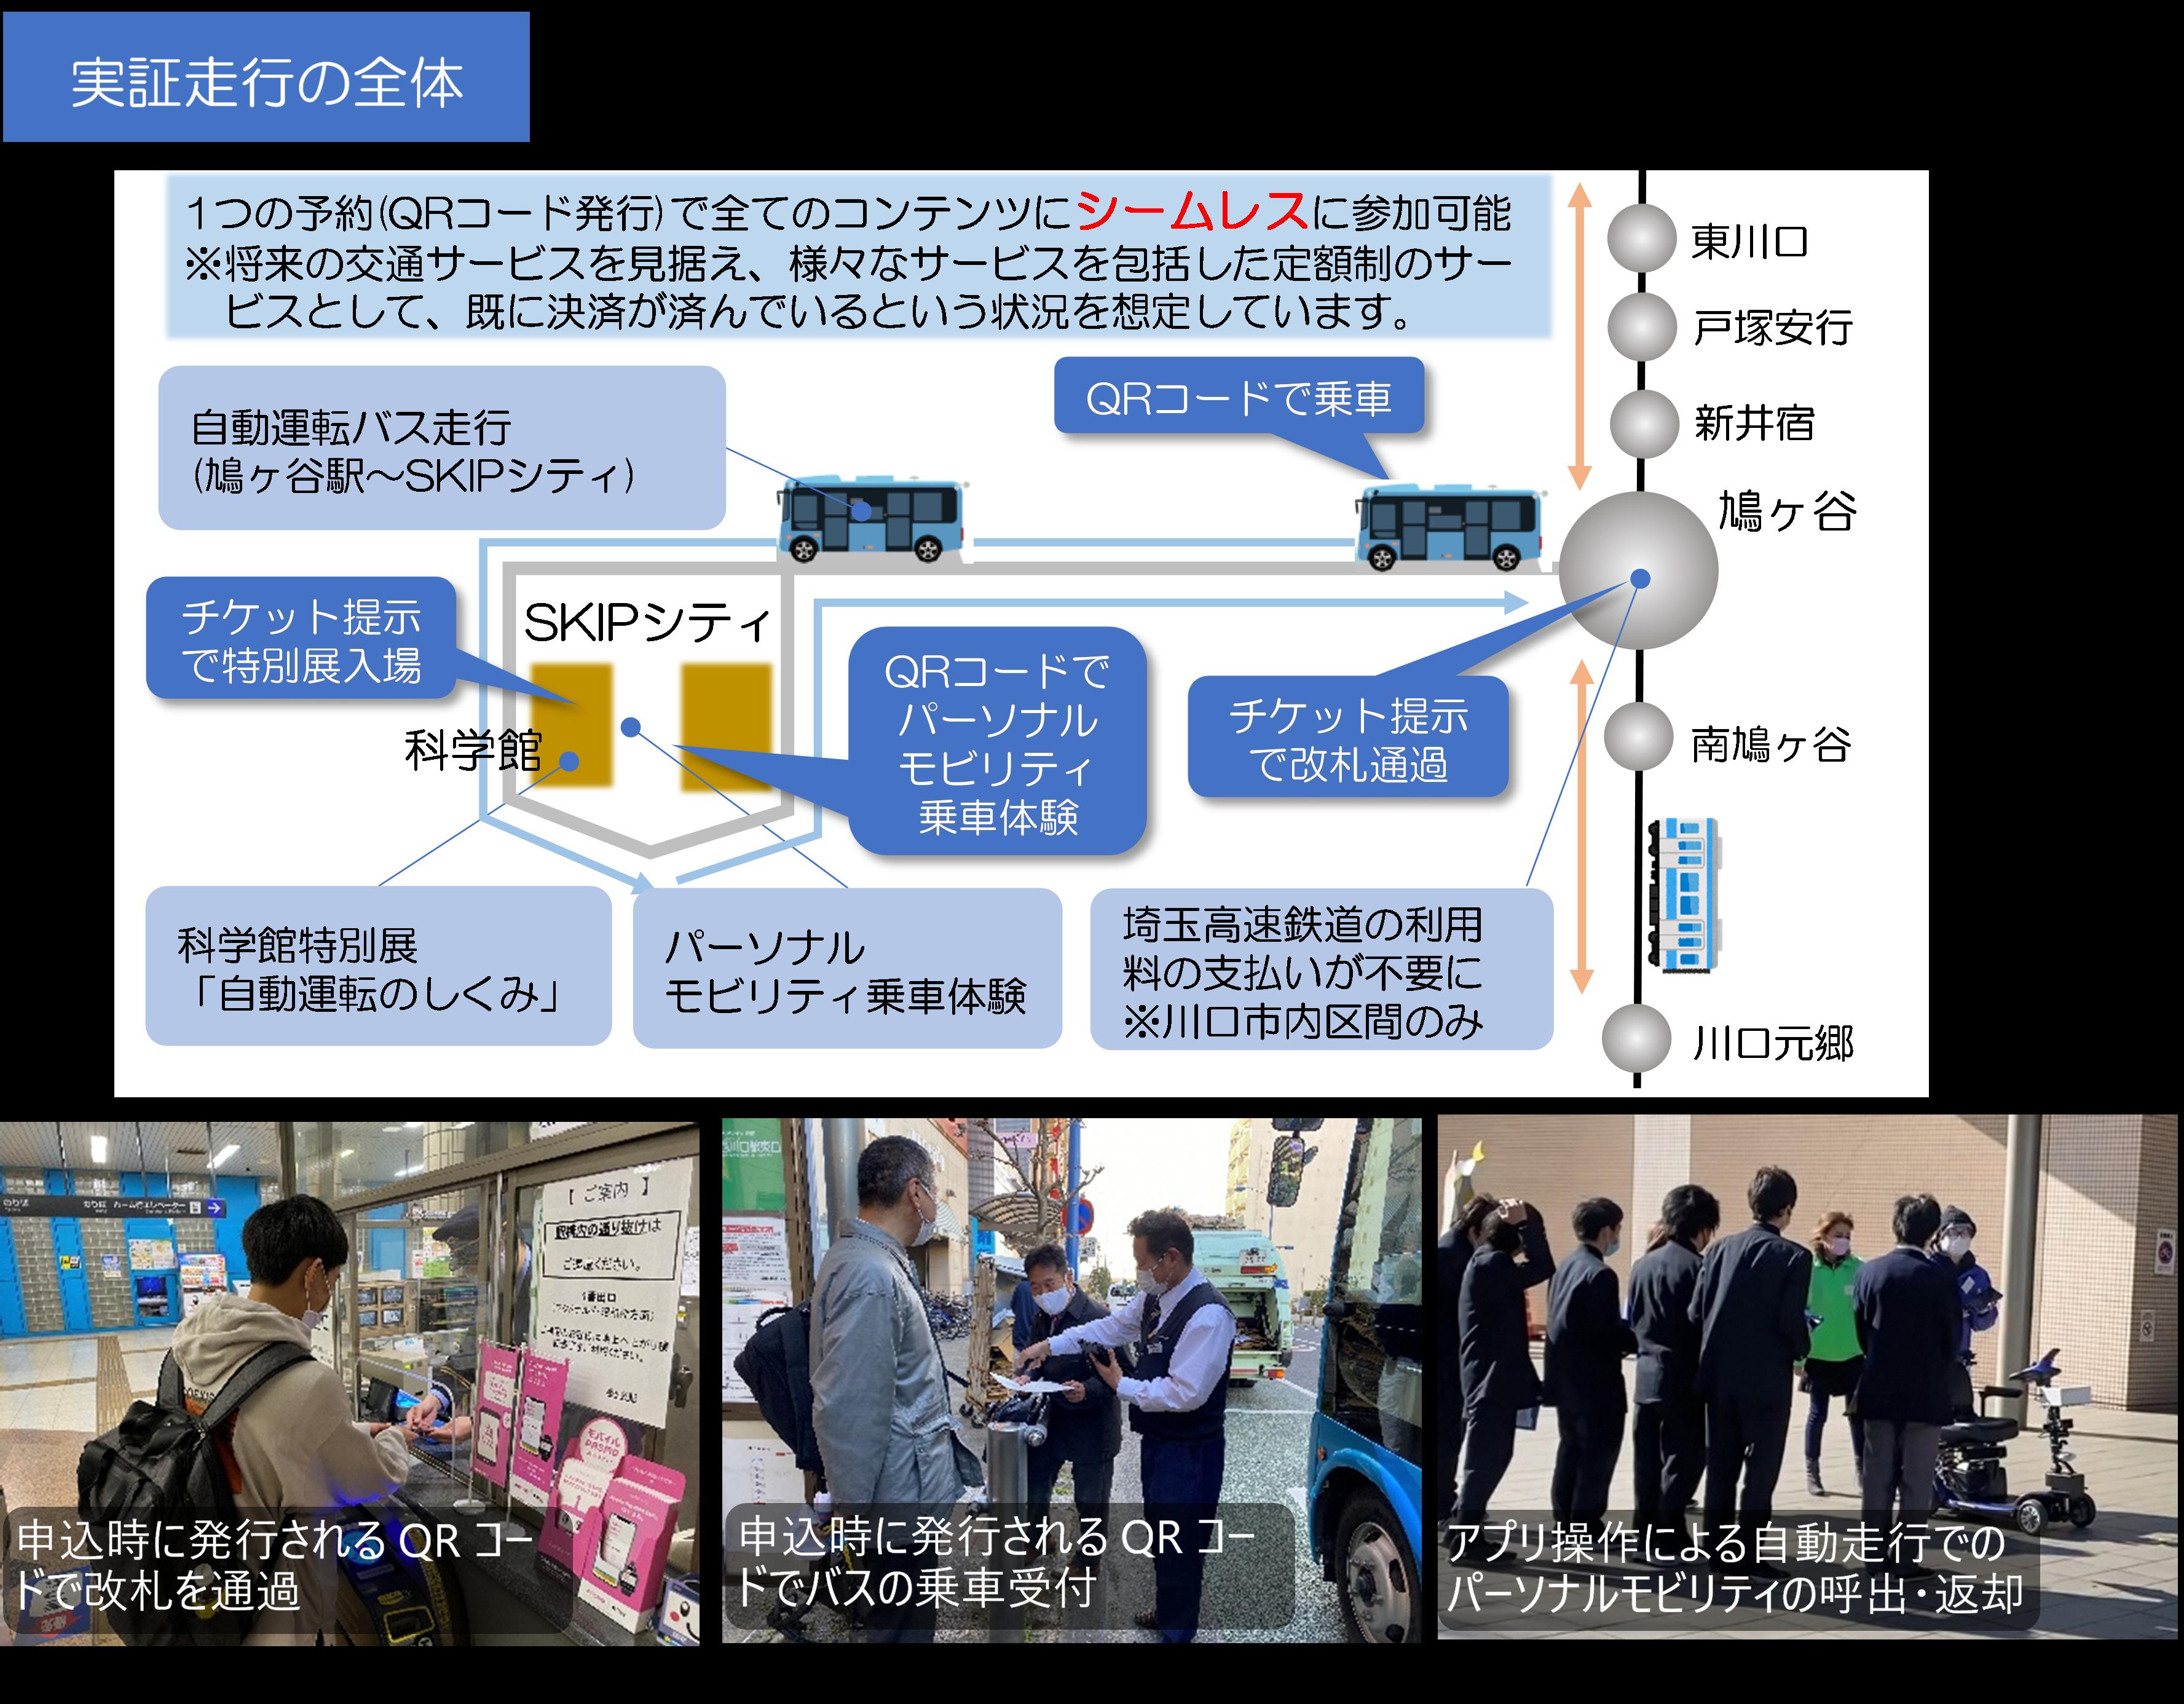 日本工業大学の鈴木宏典教授が自動運転車両実証走行実験に協力